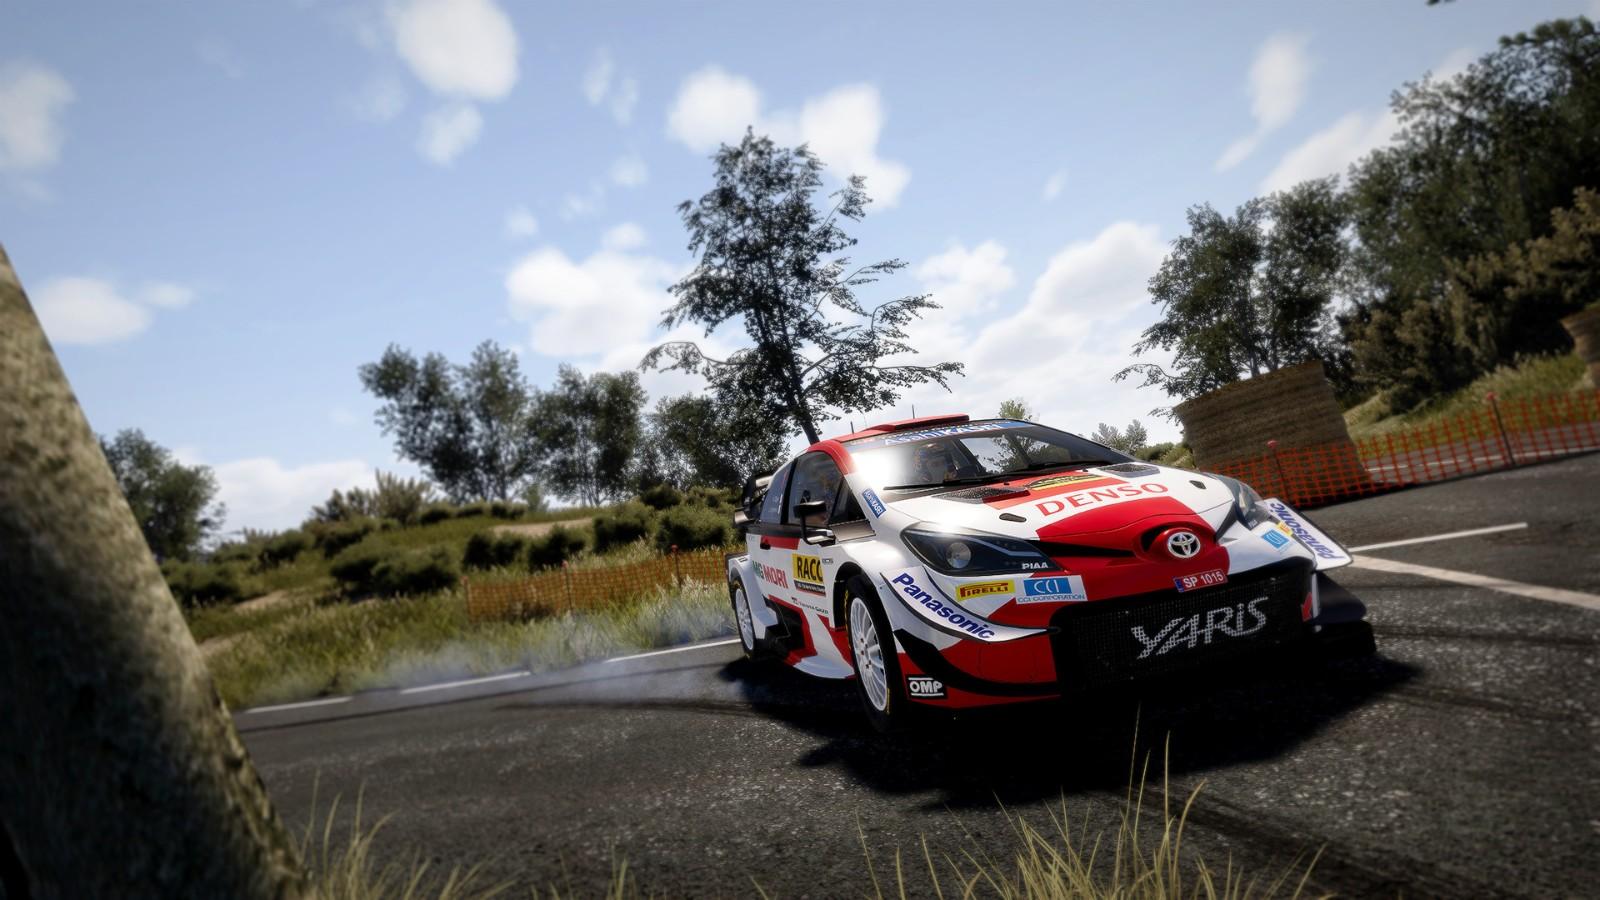 《世界汽车拉力锦标赛10》9月2日发售 登陆全平台